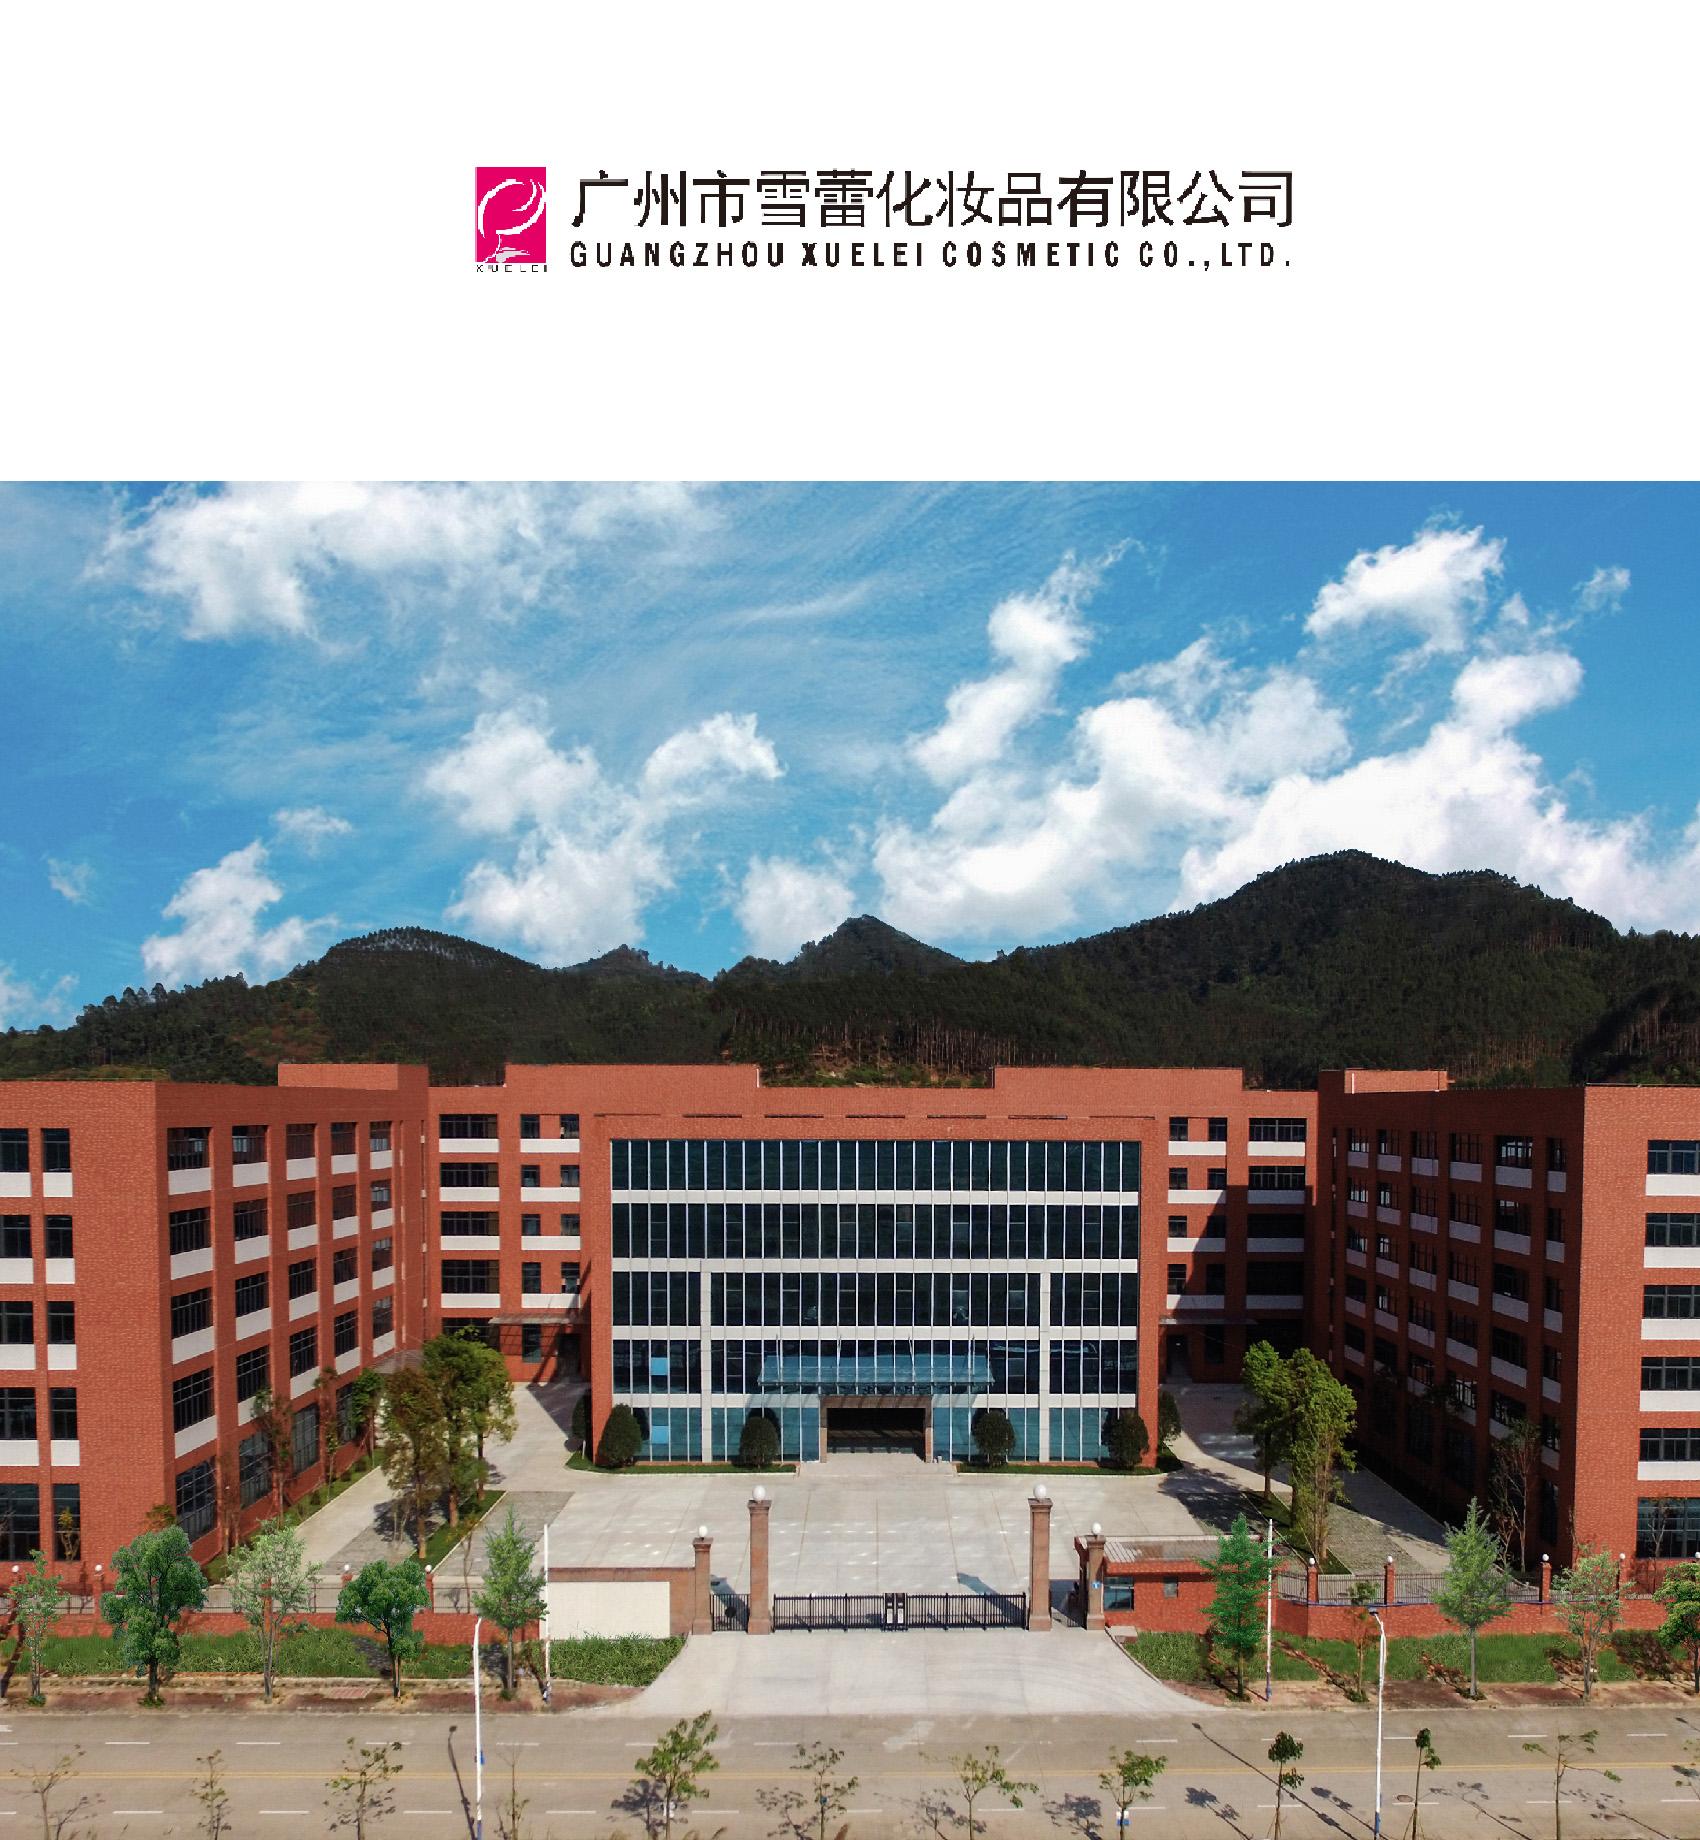 雪蕾公司生产基地